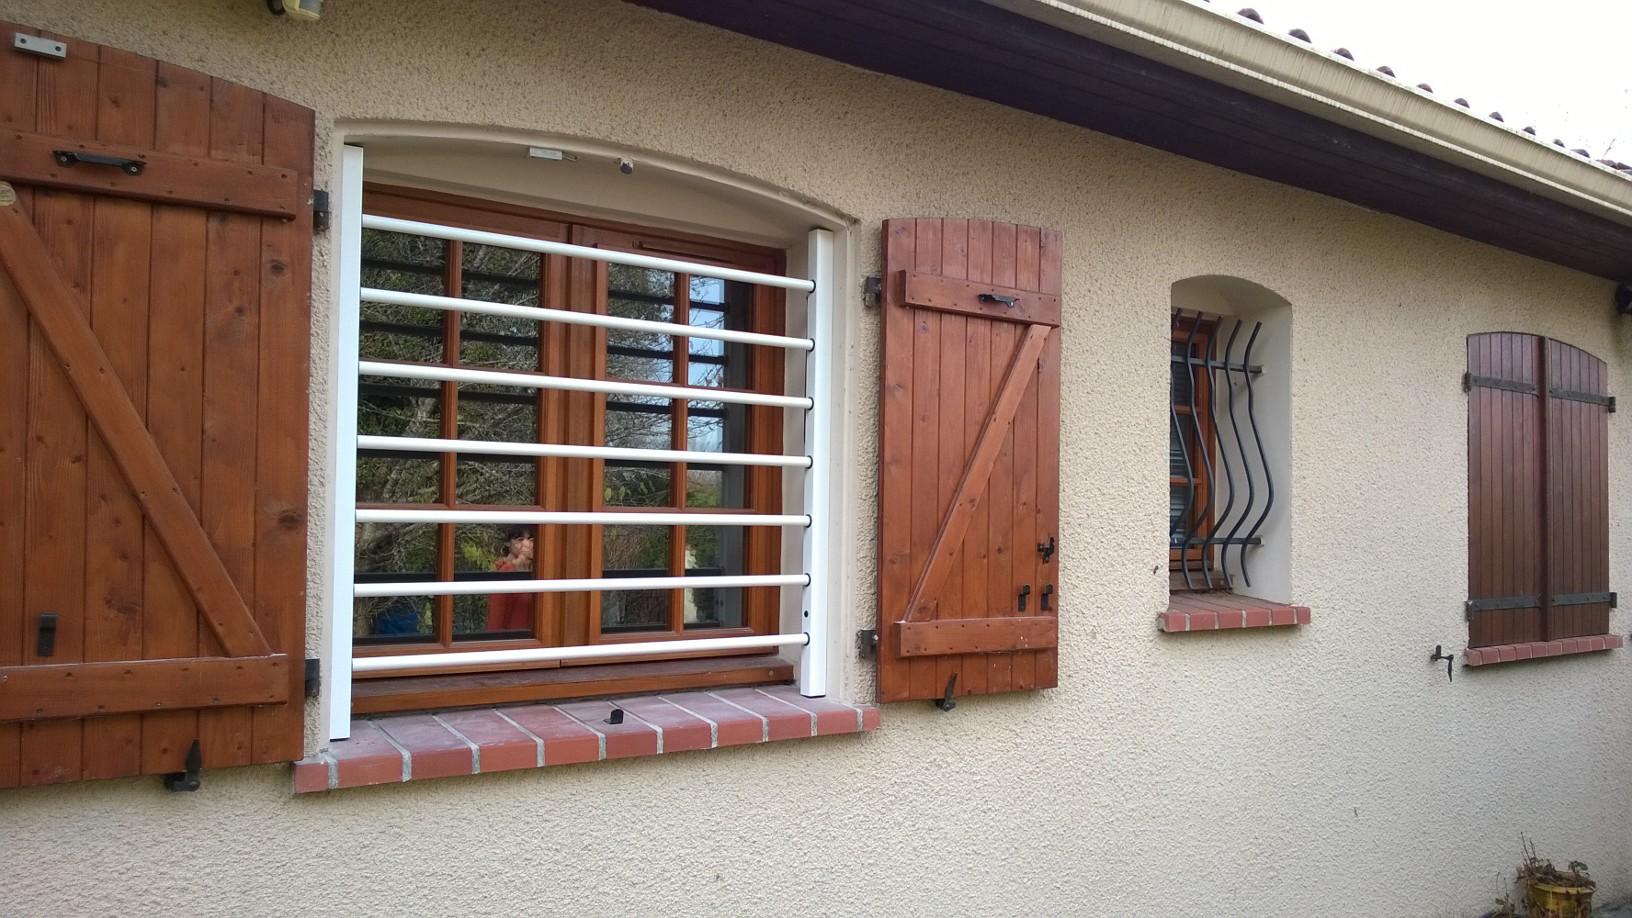 Горизонтальная решетка на окно